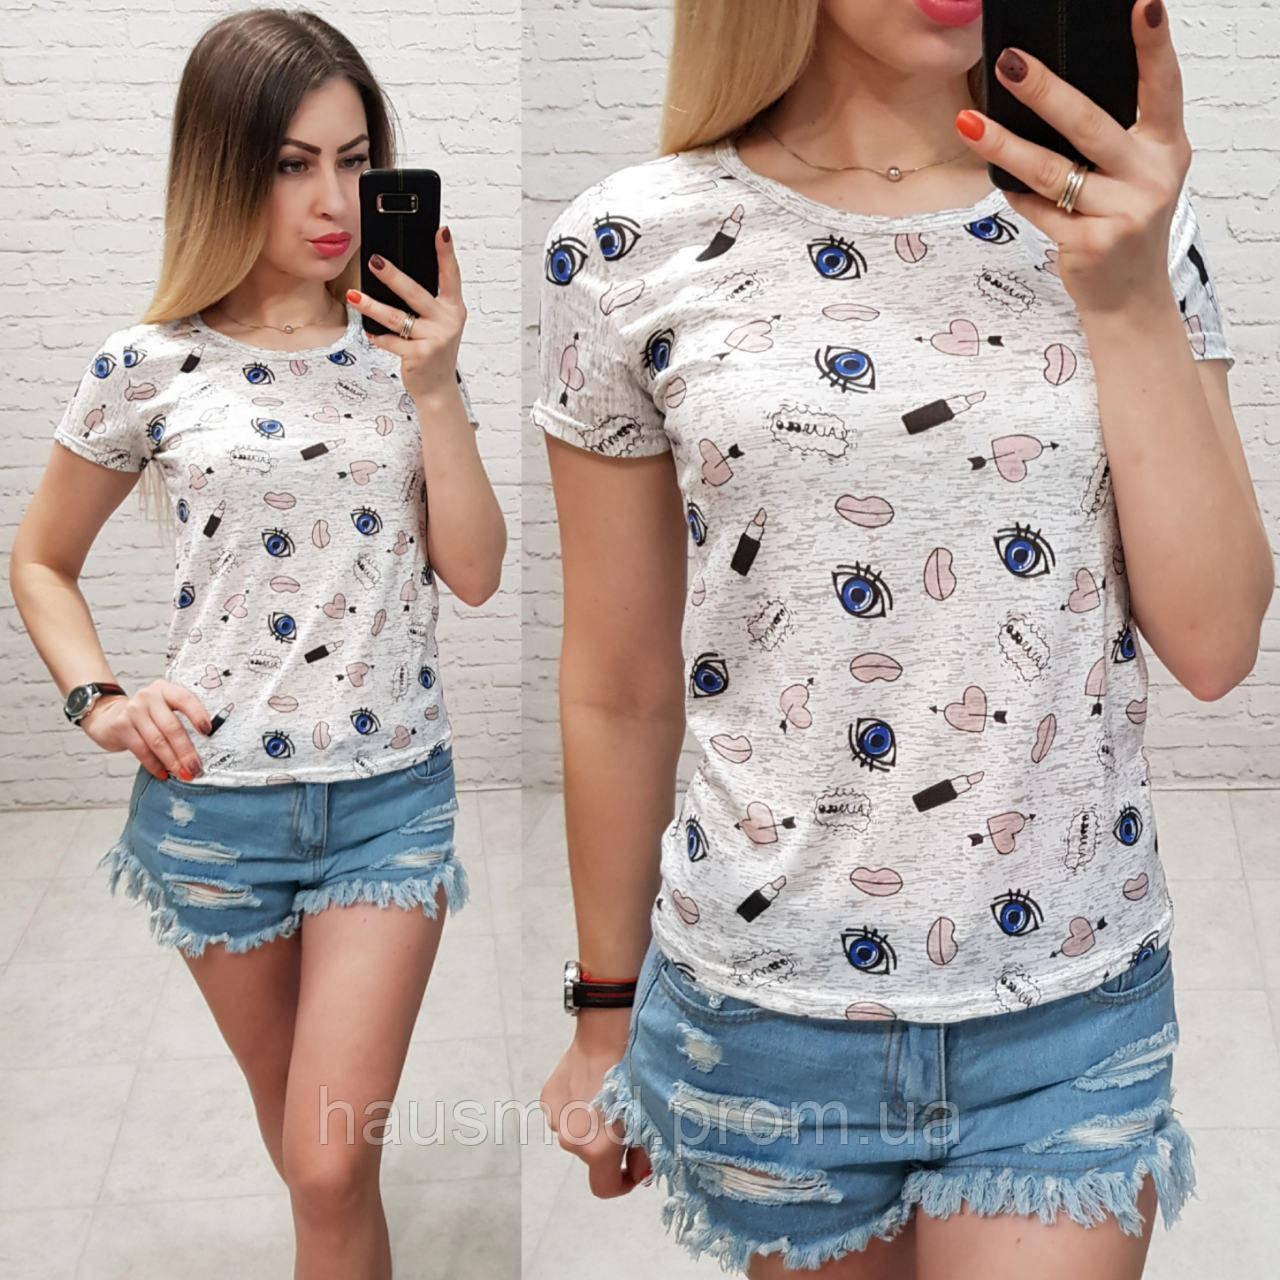 Женская футболка летняя Oversize one size качество турция размер универсал сублимация вишня цвет серый, фото 1